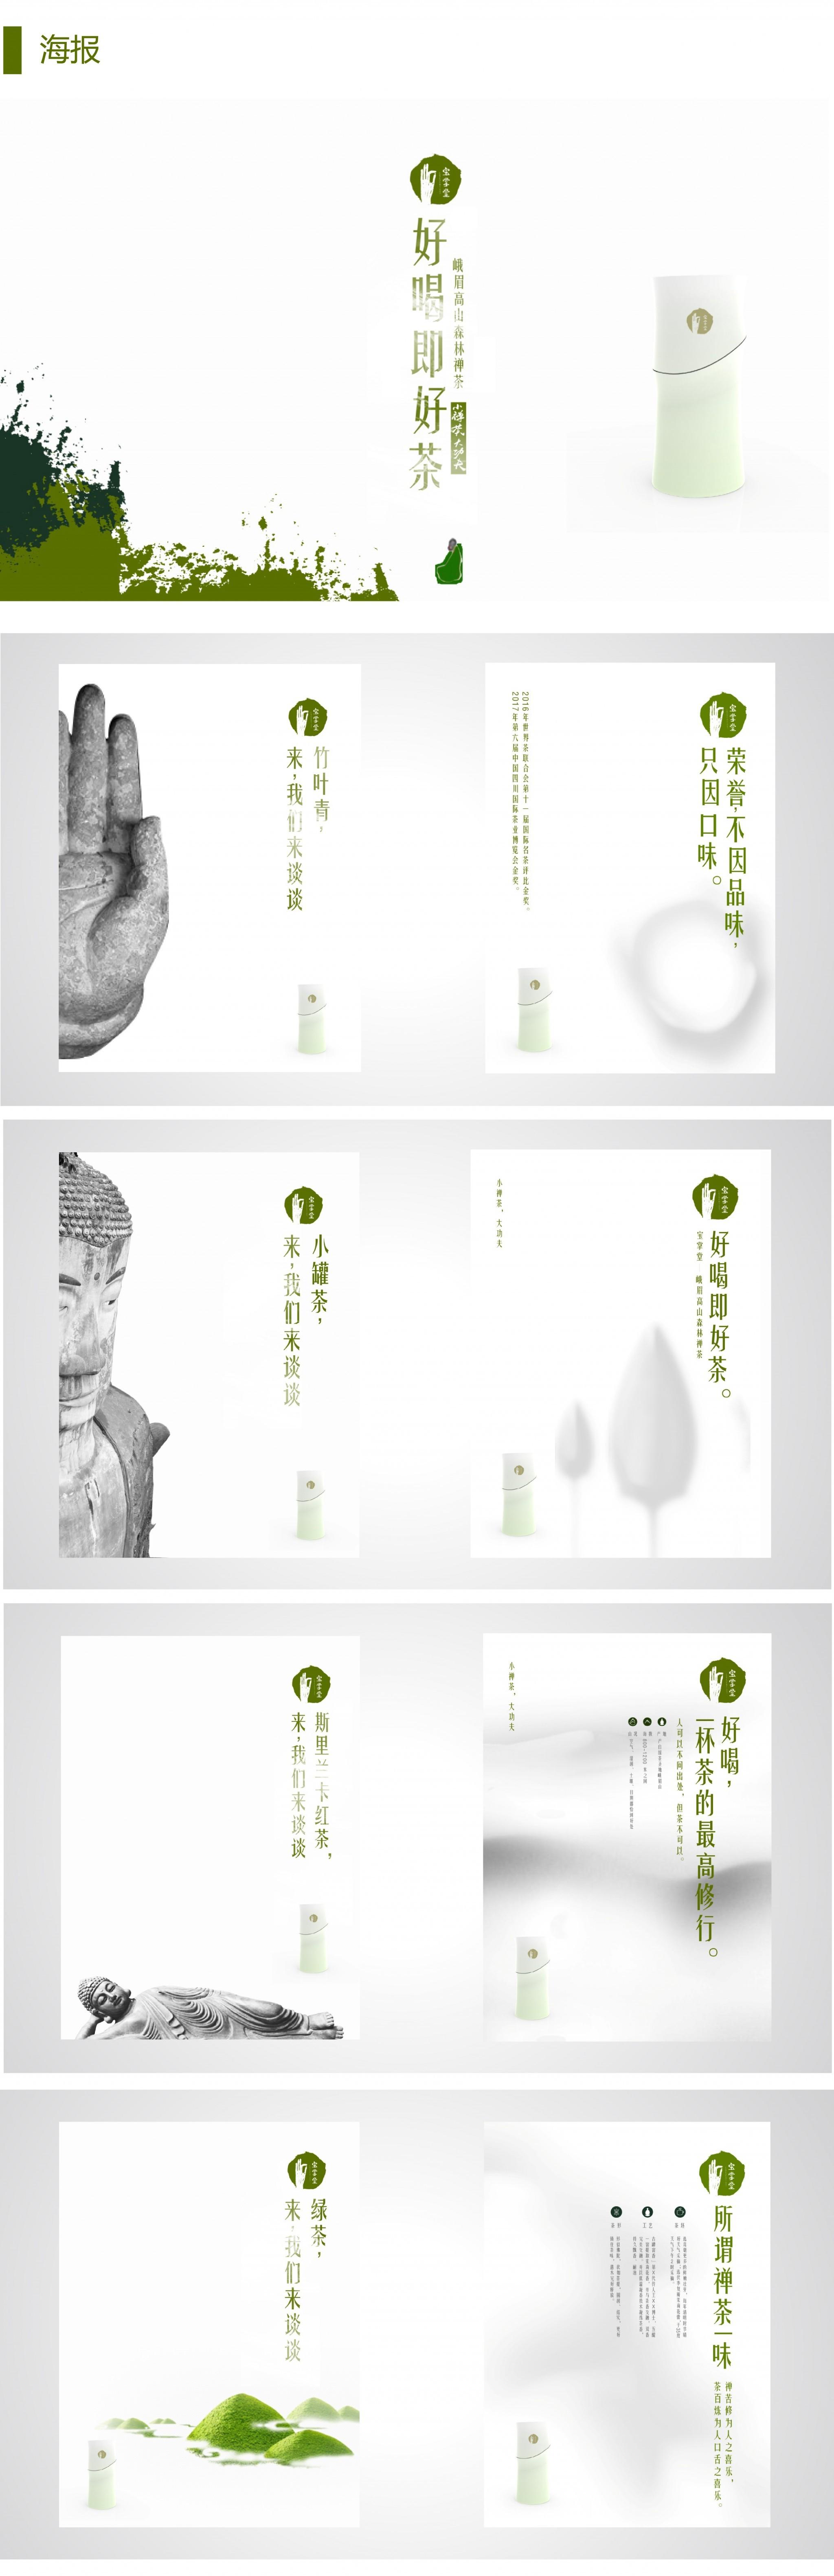 宝掌堂官网-06